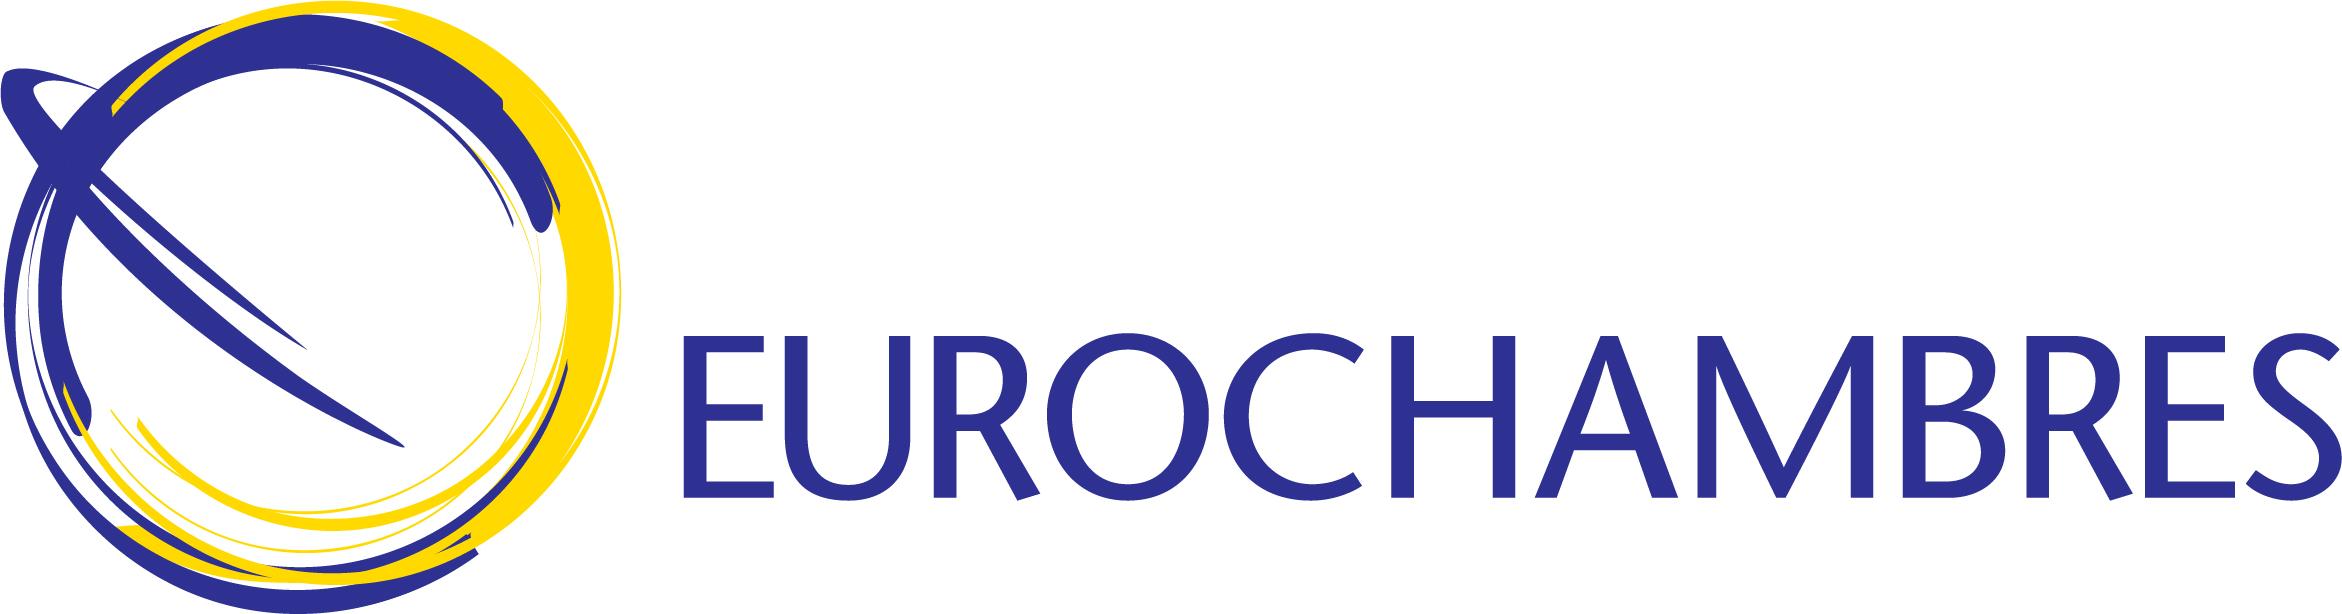 Eurochambres